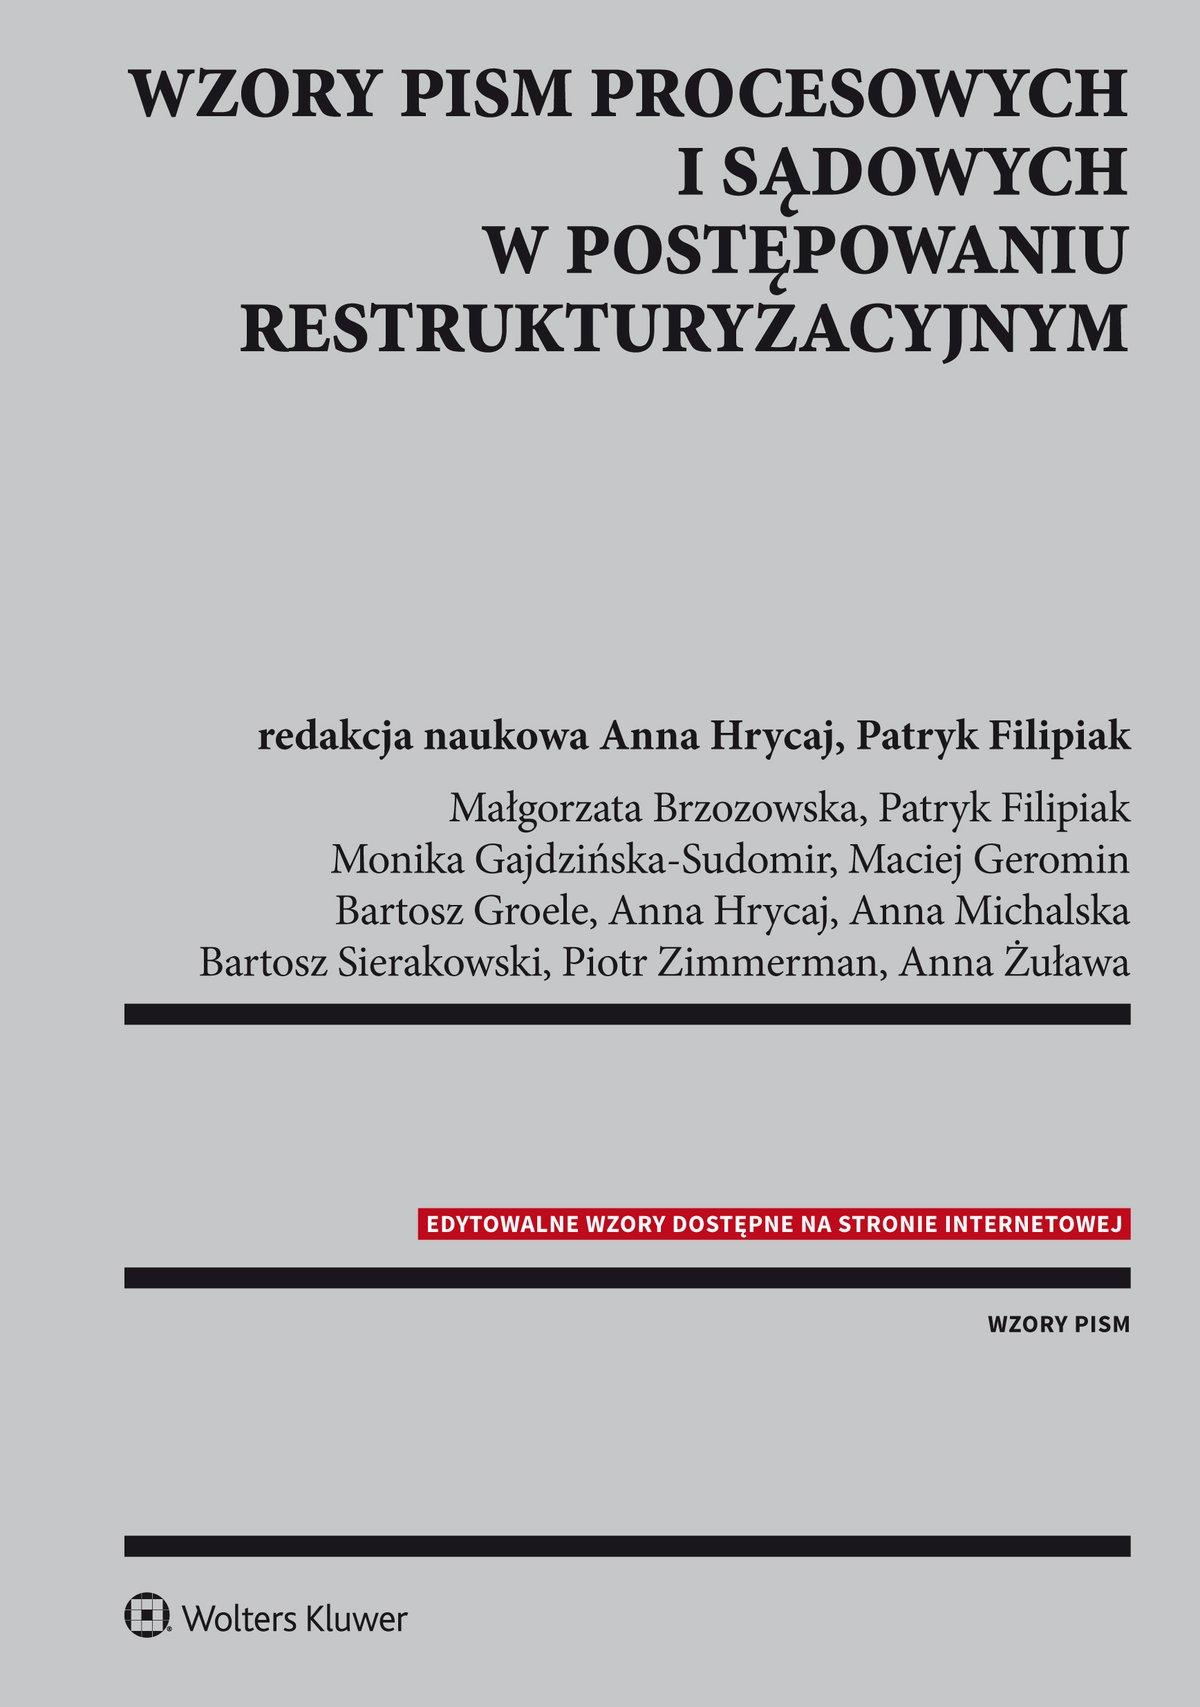 Wzory pism procesowych i sądowych w postępowaniu restrukturyzacyjnym - Ebook (Książka EPUB) do pobrania w formacie EPUB